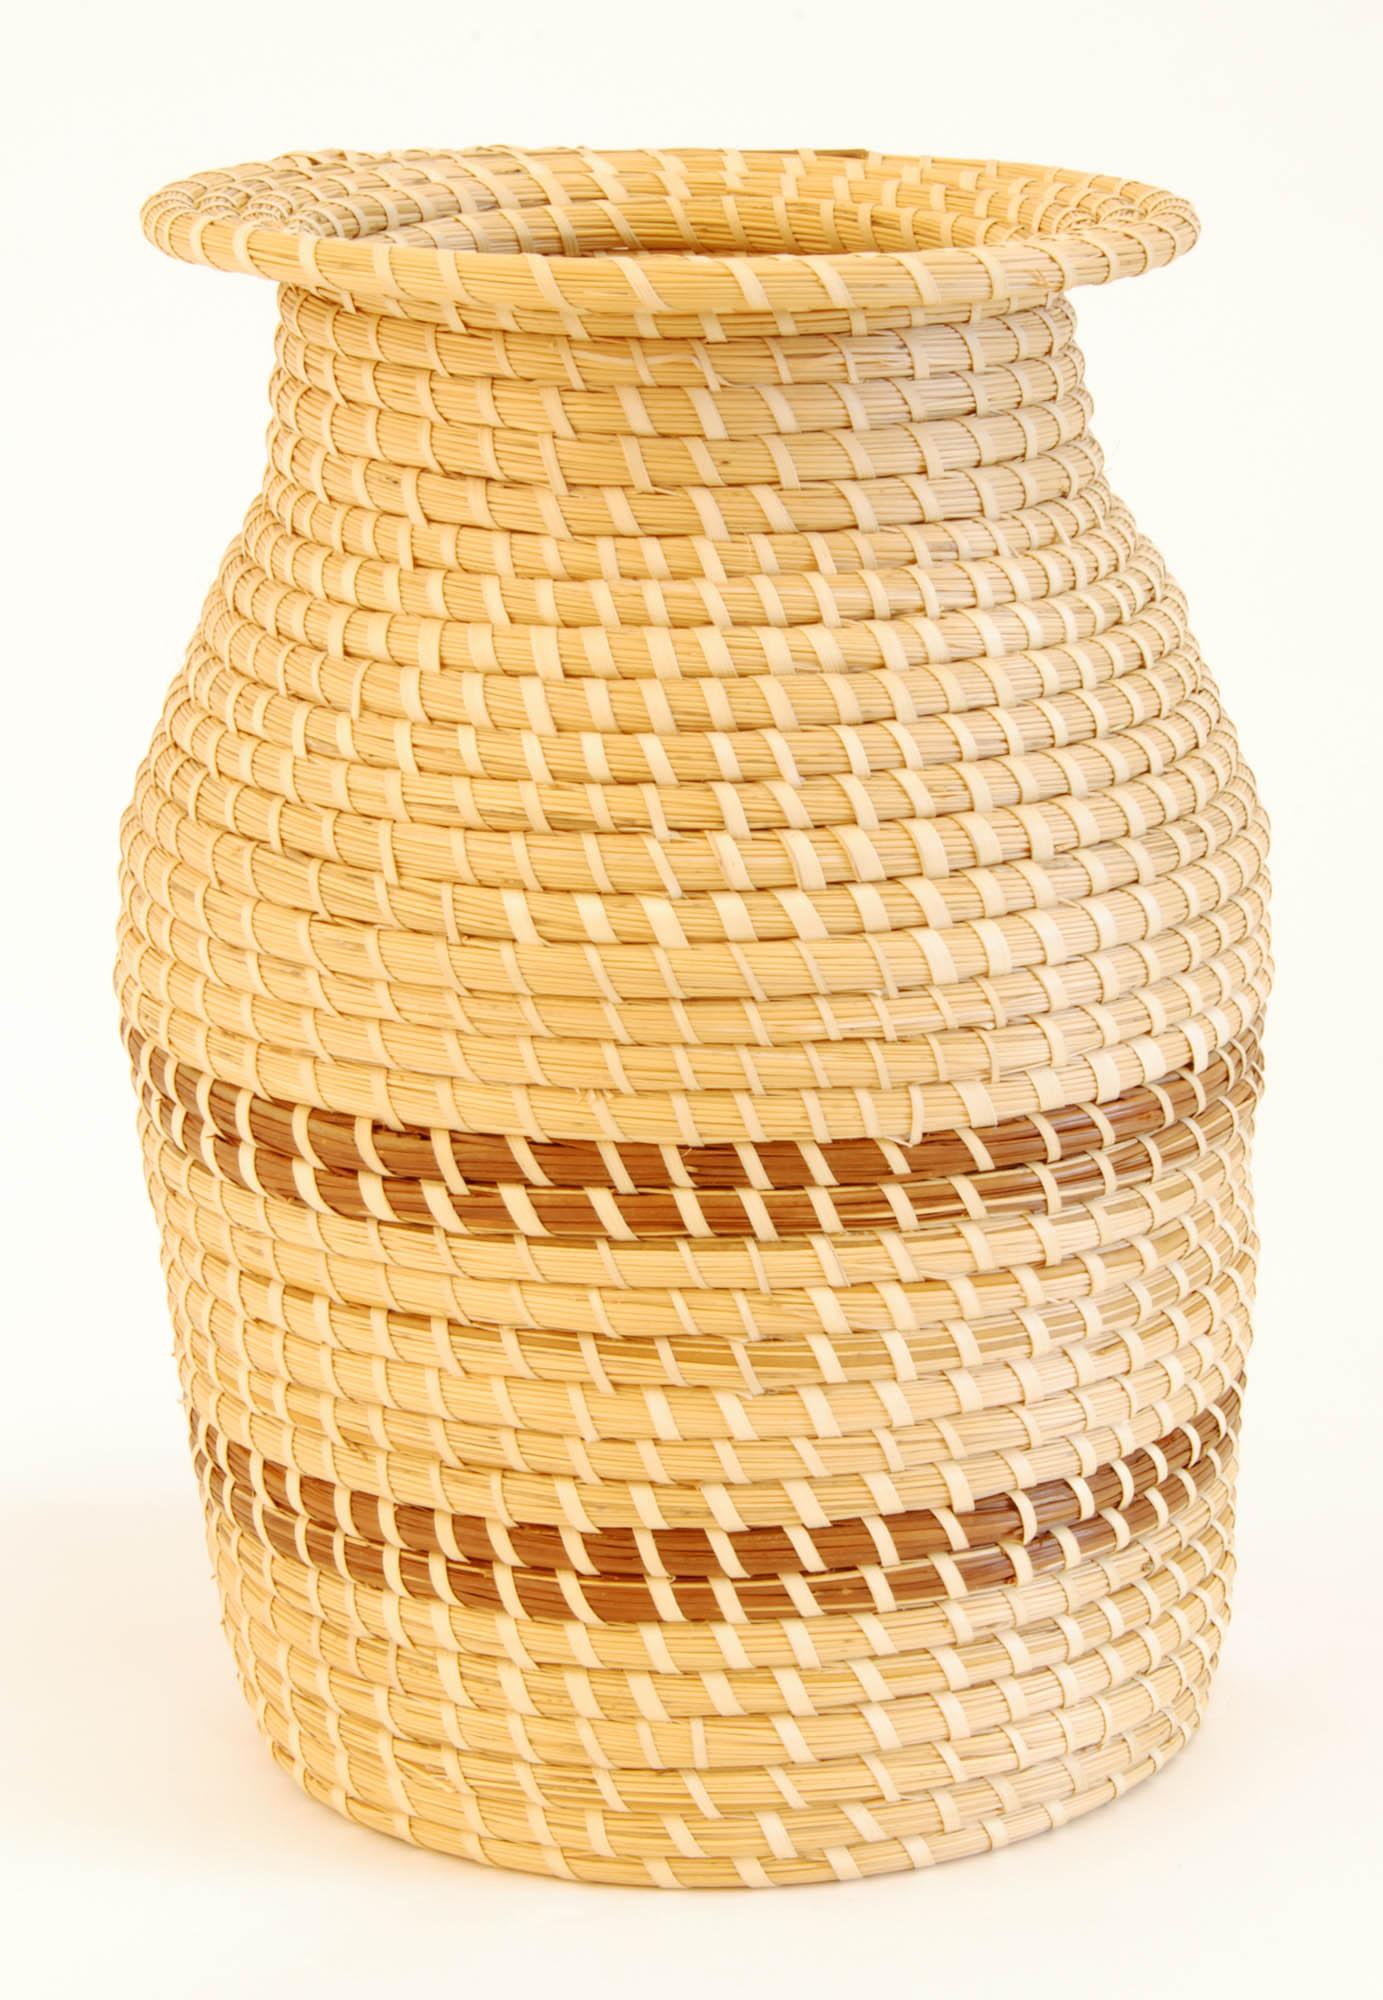 Sweetgrass milk jug